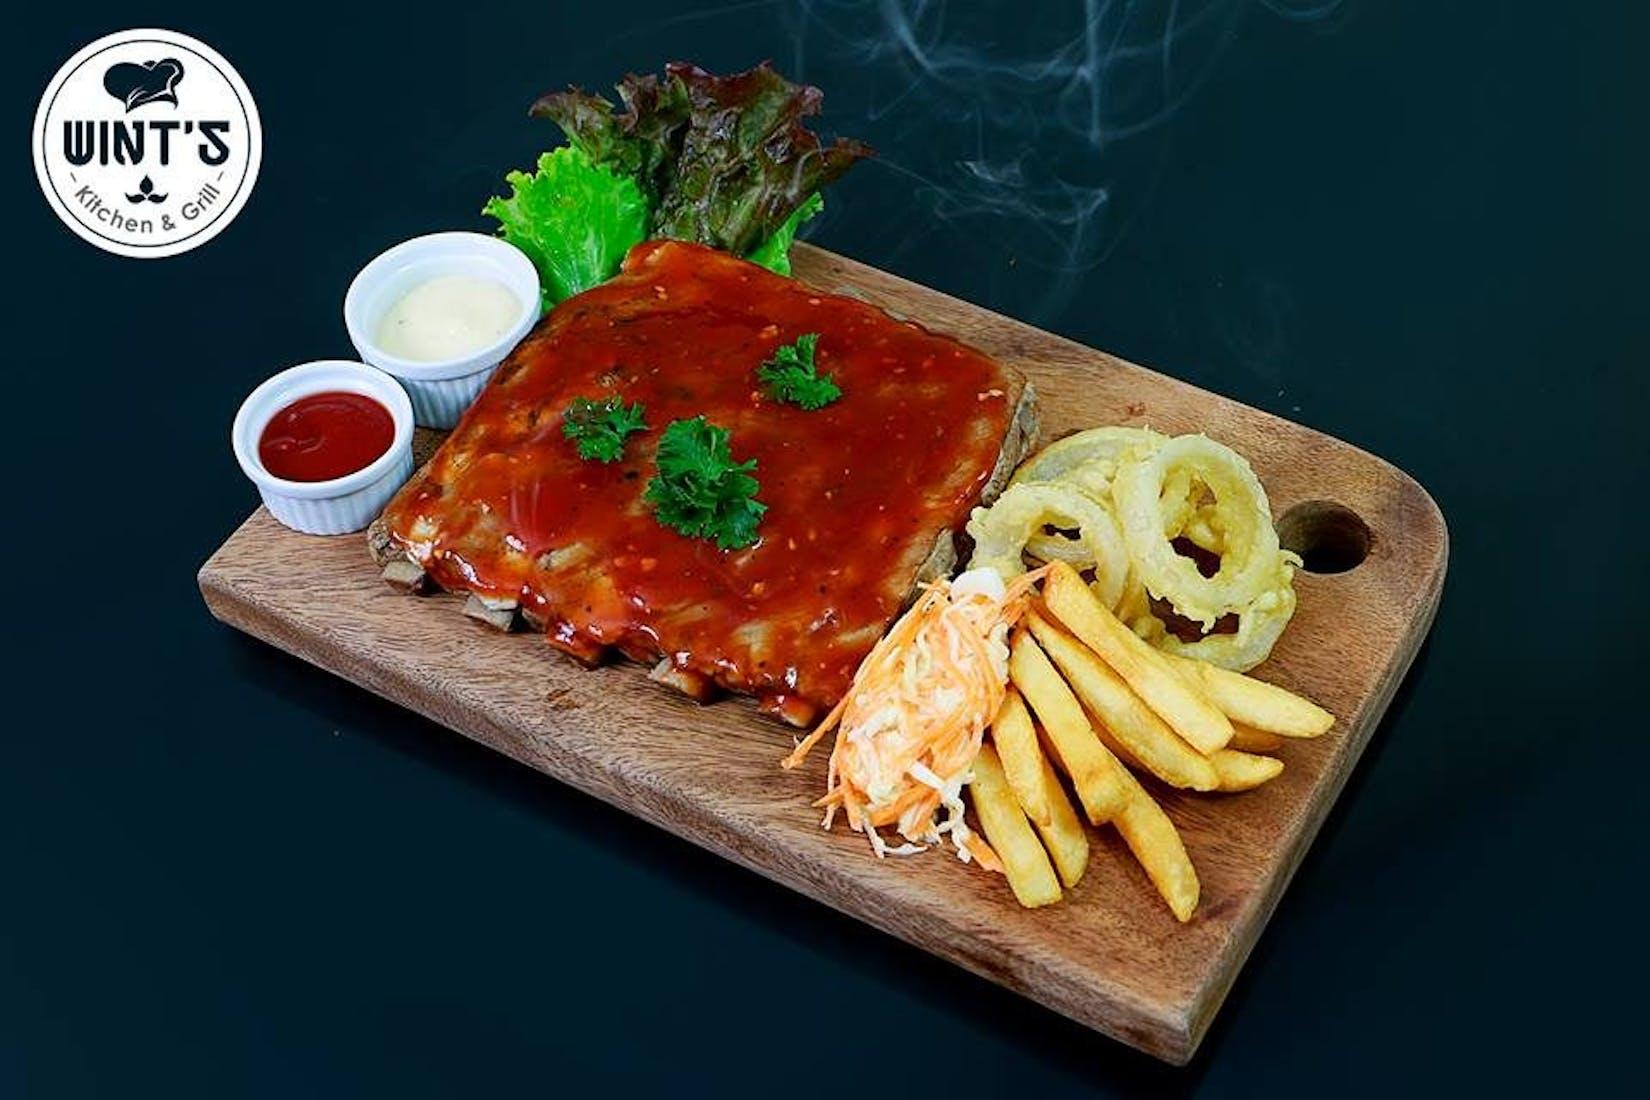 Wint's Kitchen & Grill restaurant   yathar